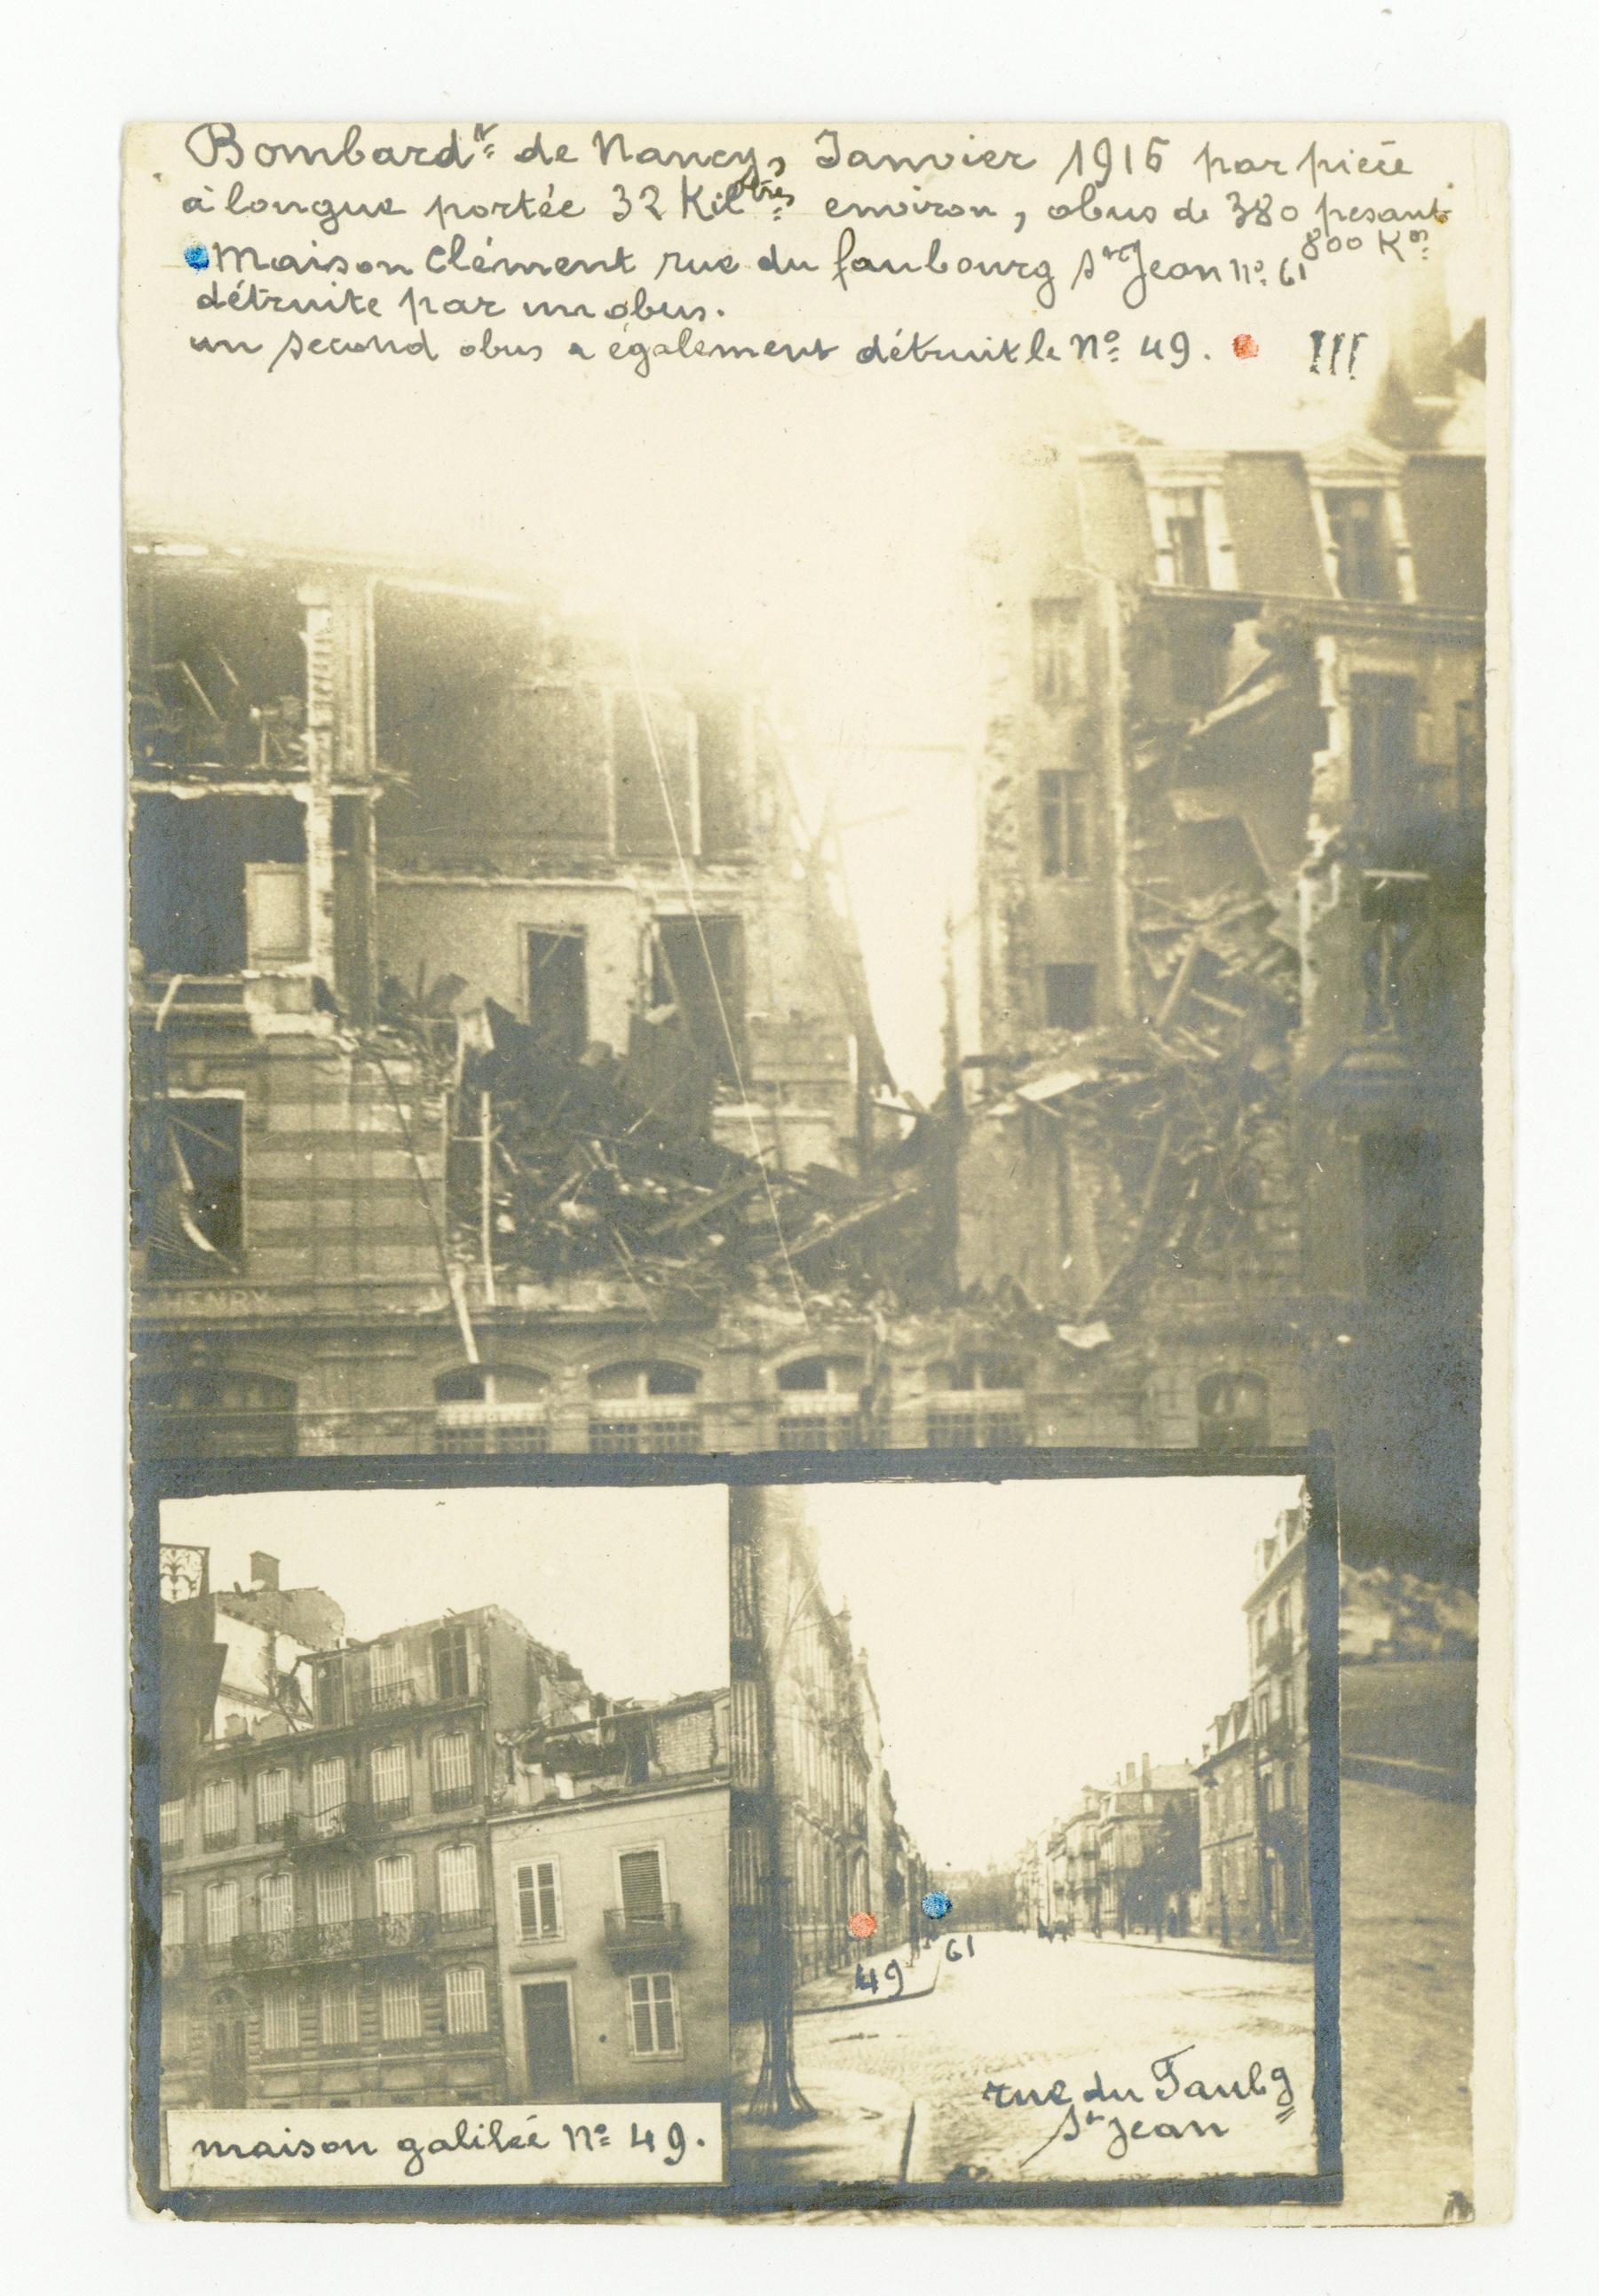 Contenu du Bombardement de janvier 1916, rue du Faubourg St-Jean.